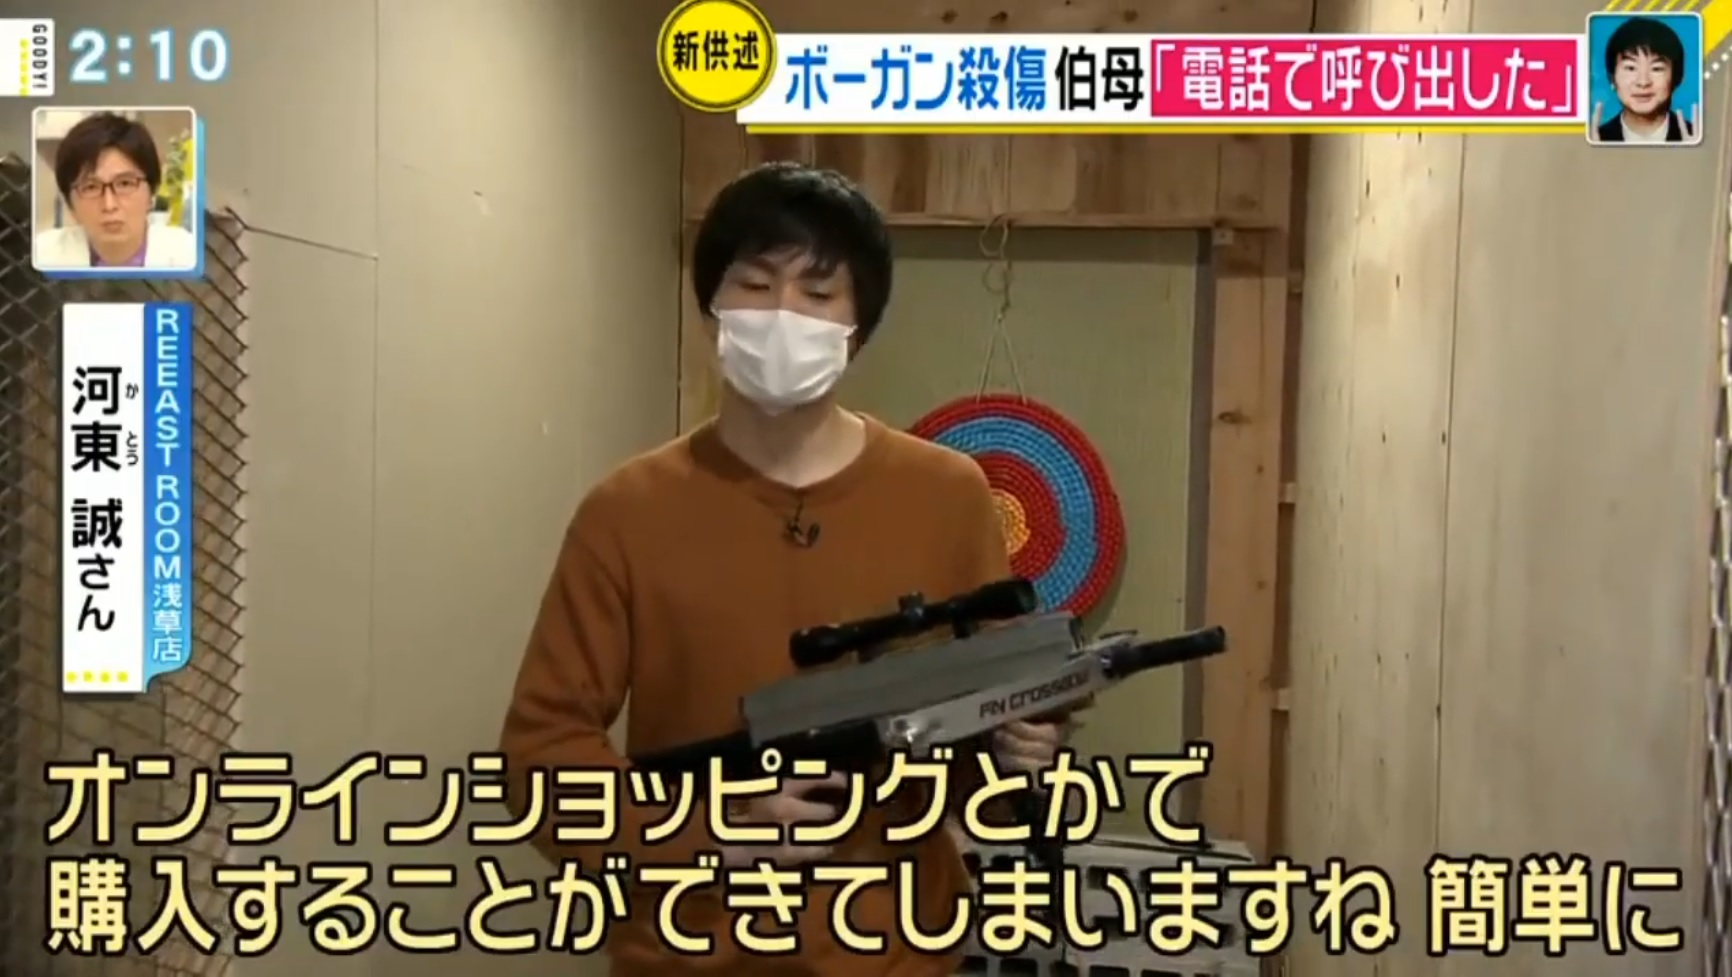 威力 ボウガン 【MHW:IB】ボウガンの弾威力(モーション値)